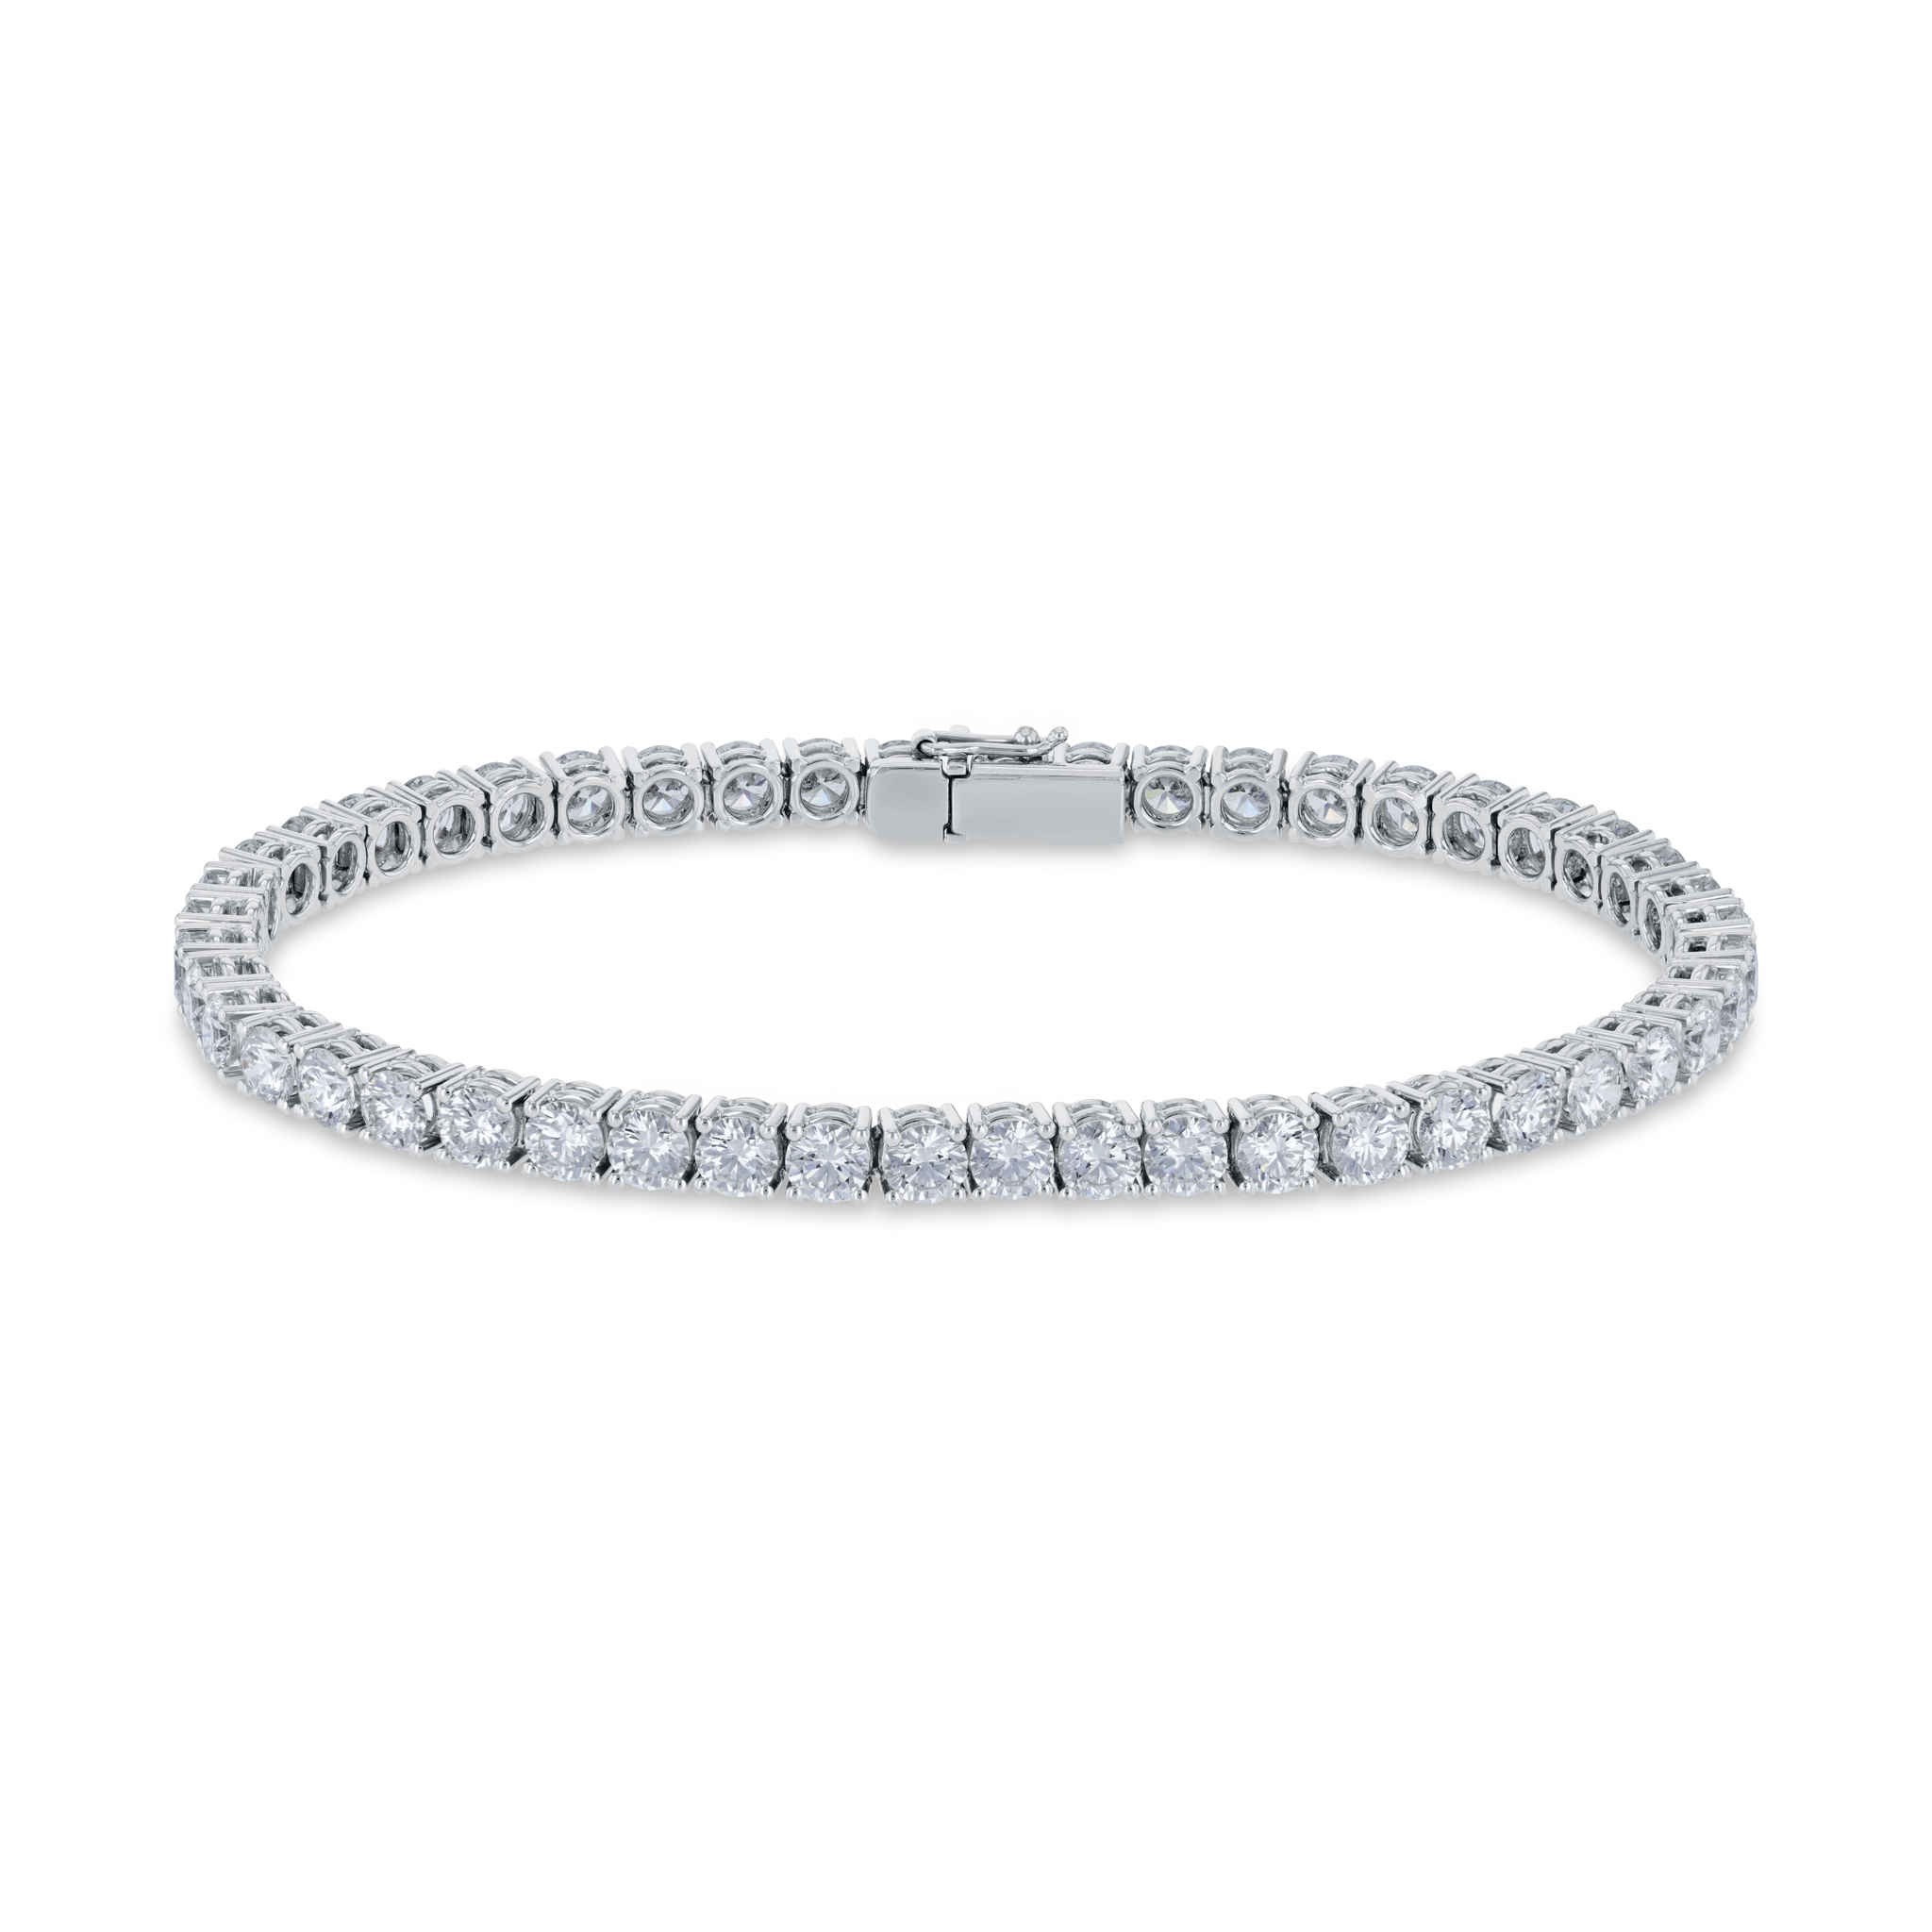 Riviere钻石手链